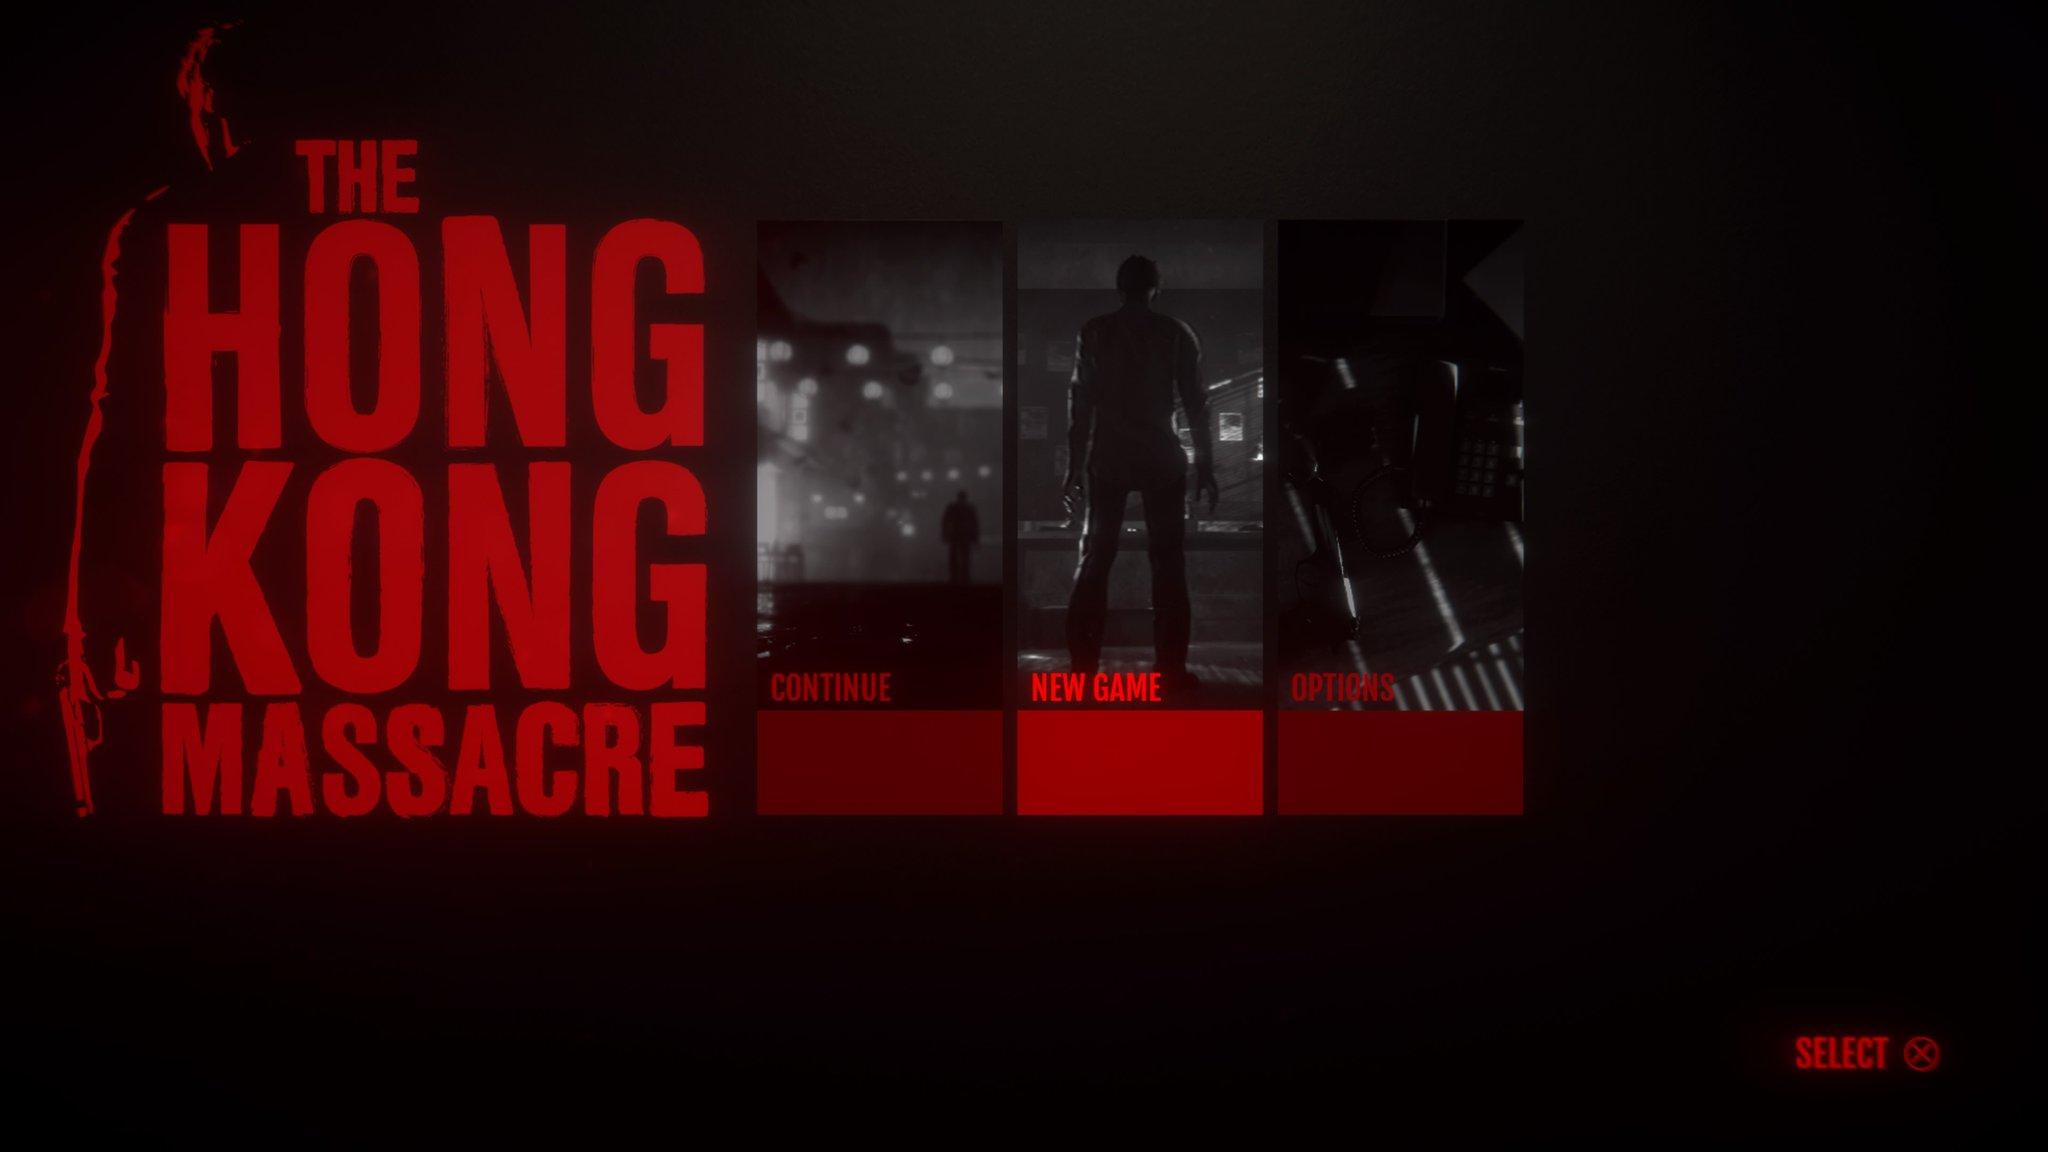 Review: The Hong Kong Massacre – Hotline Stranglehold